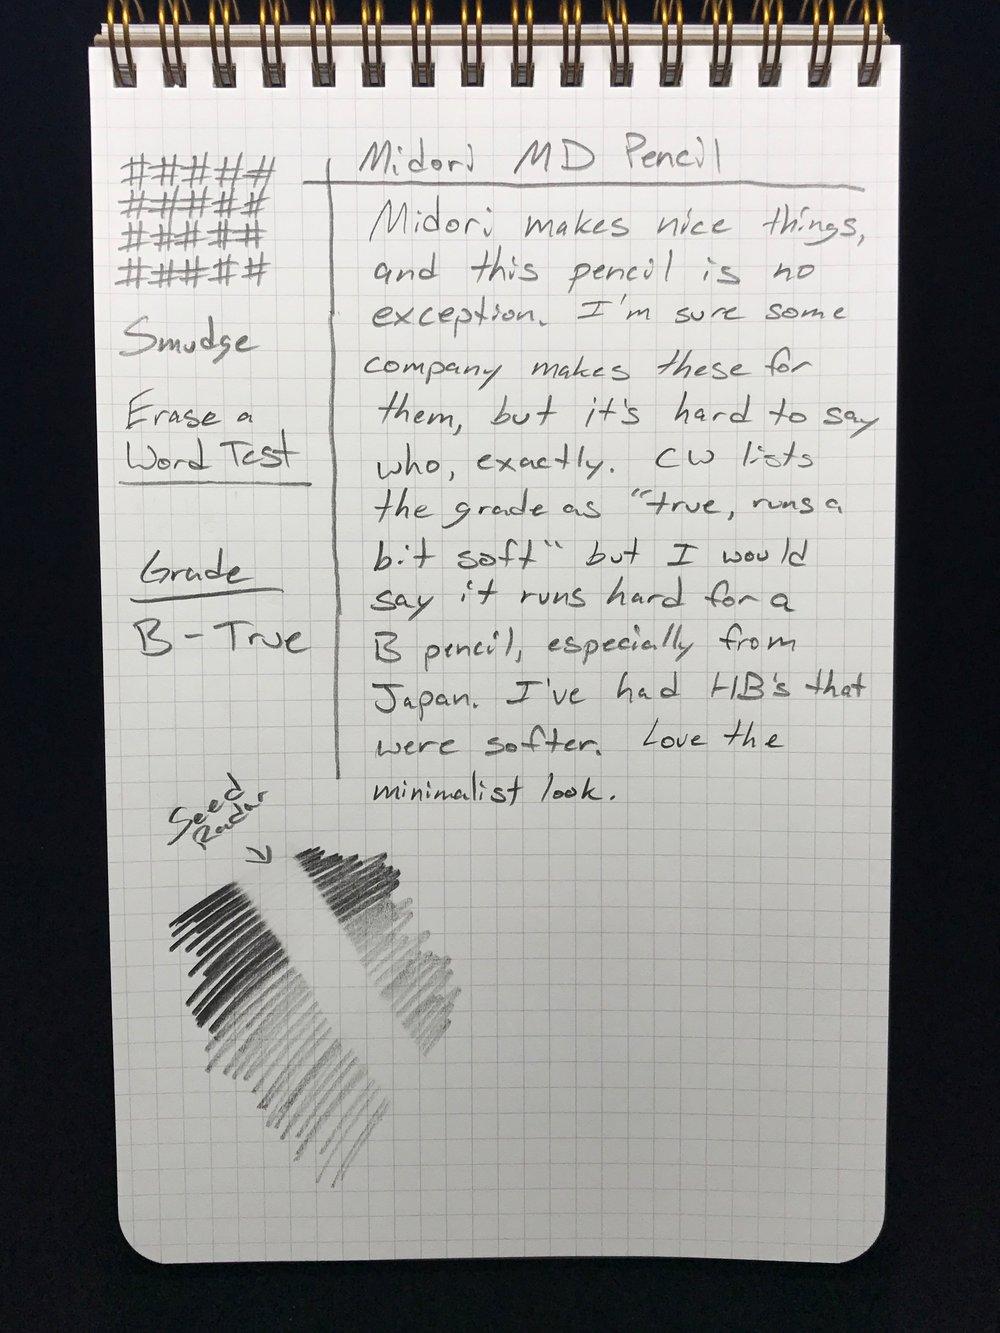 midori-md-pencil-9.jpg